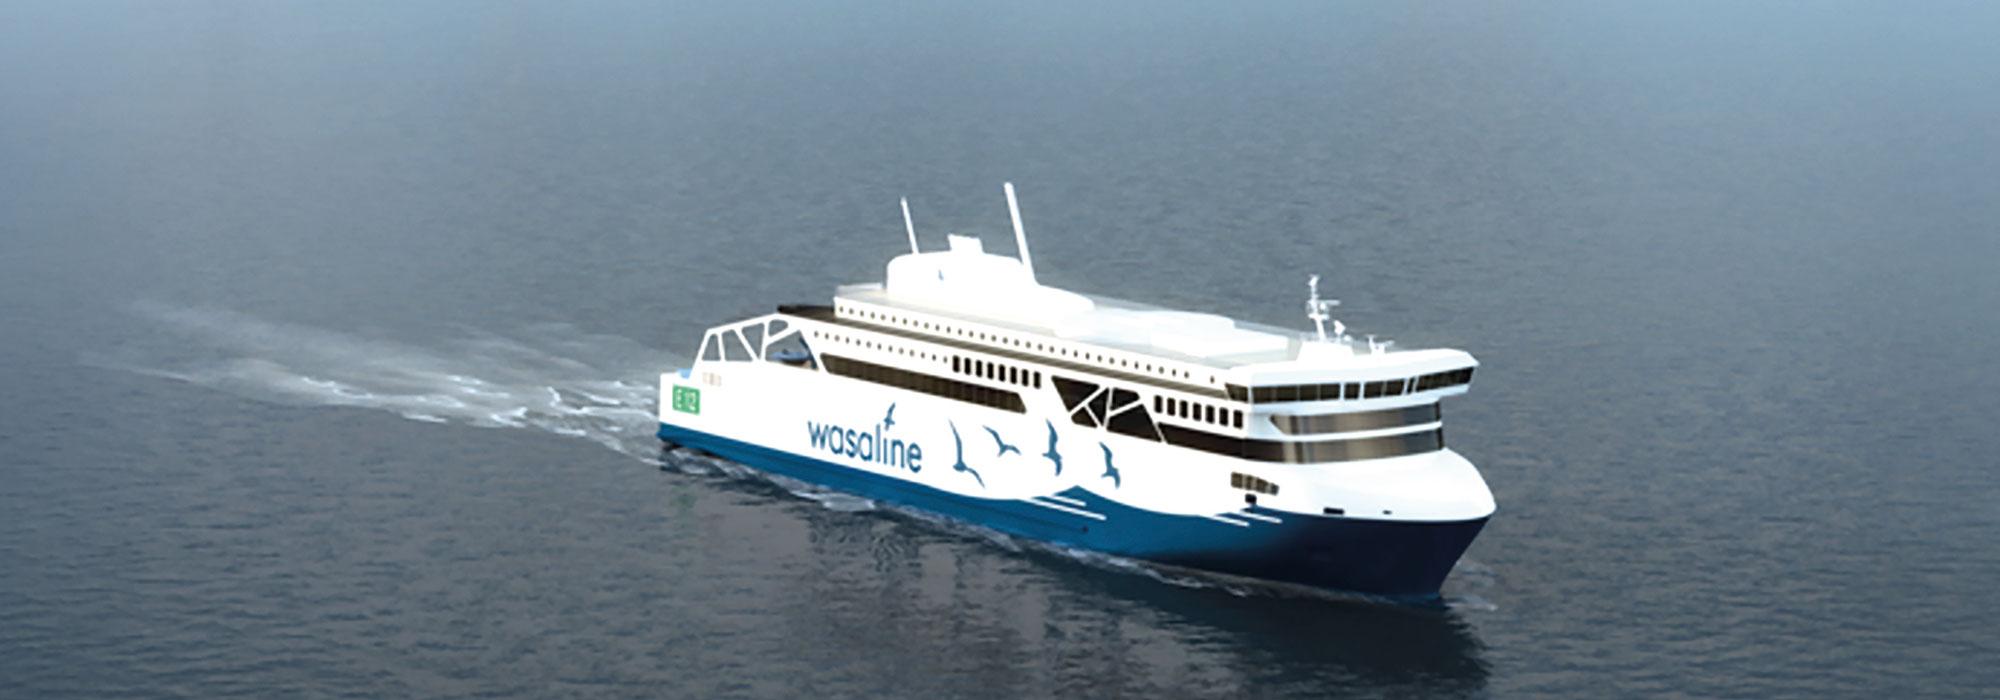 Wärtsilä is creating smarter shipping - FMC Yearbook 2019